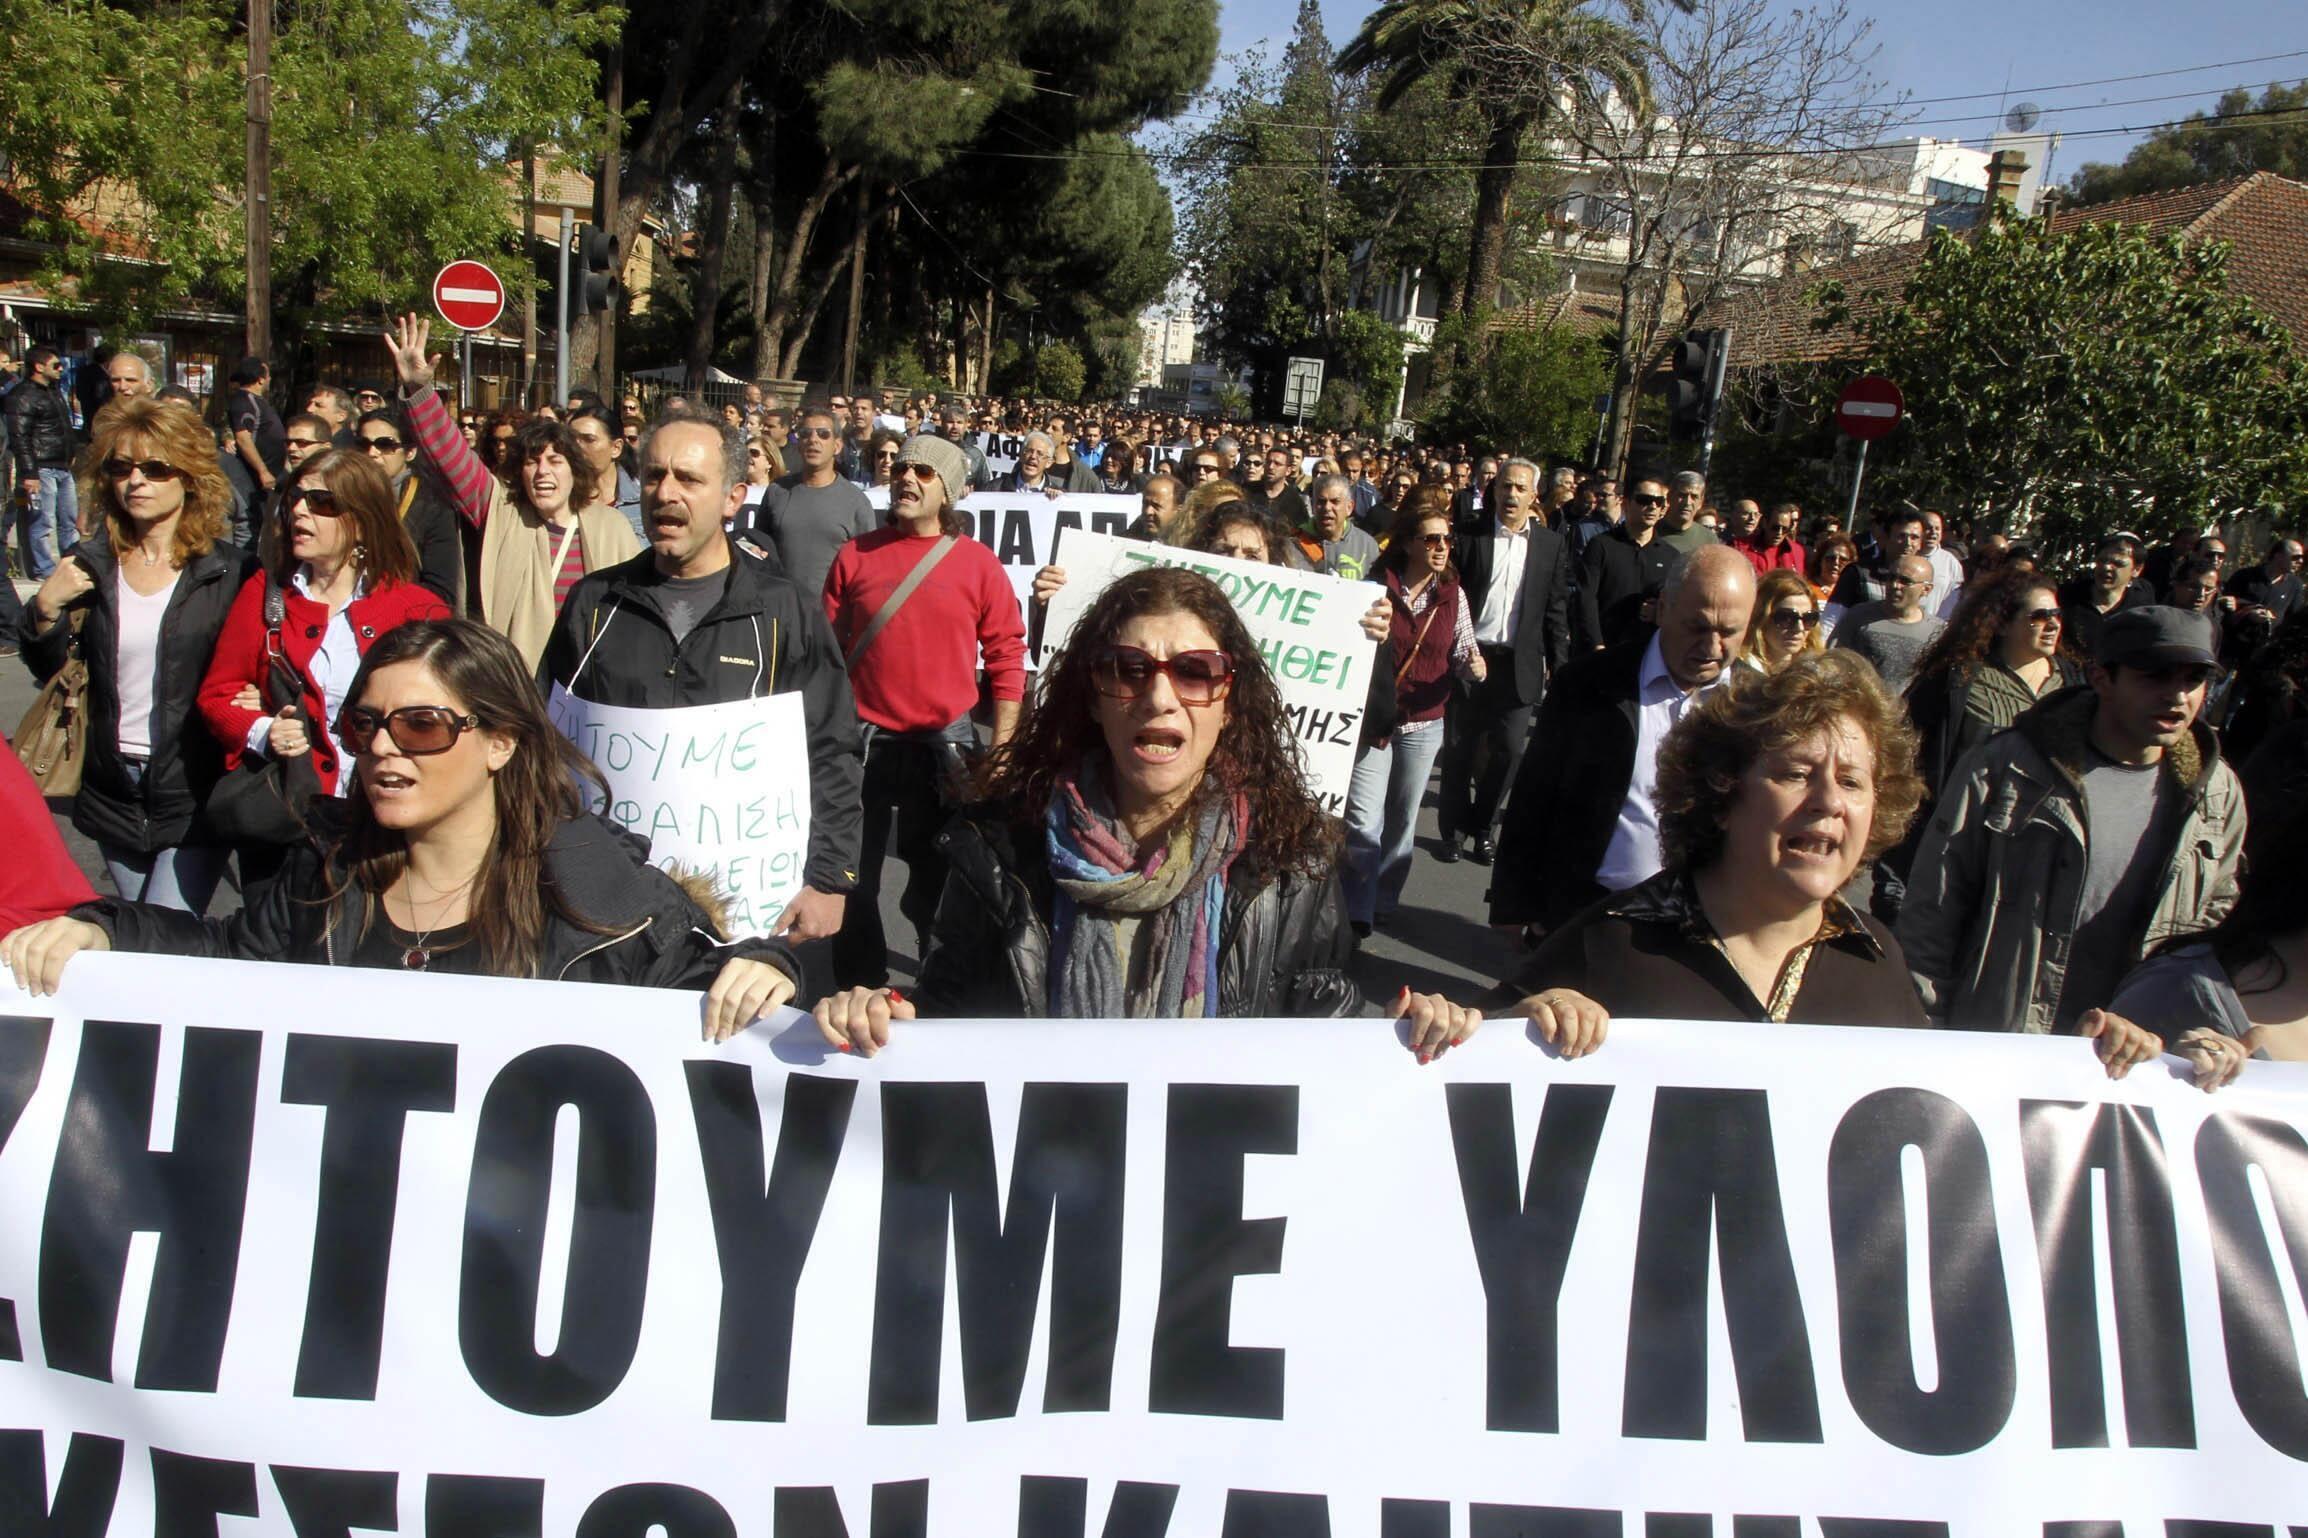 Manifestation de salariés du secteur bancaire à Chypre, le 4 avril 2013, pour protester contre les conséquences sociales du plan de sauvetage.